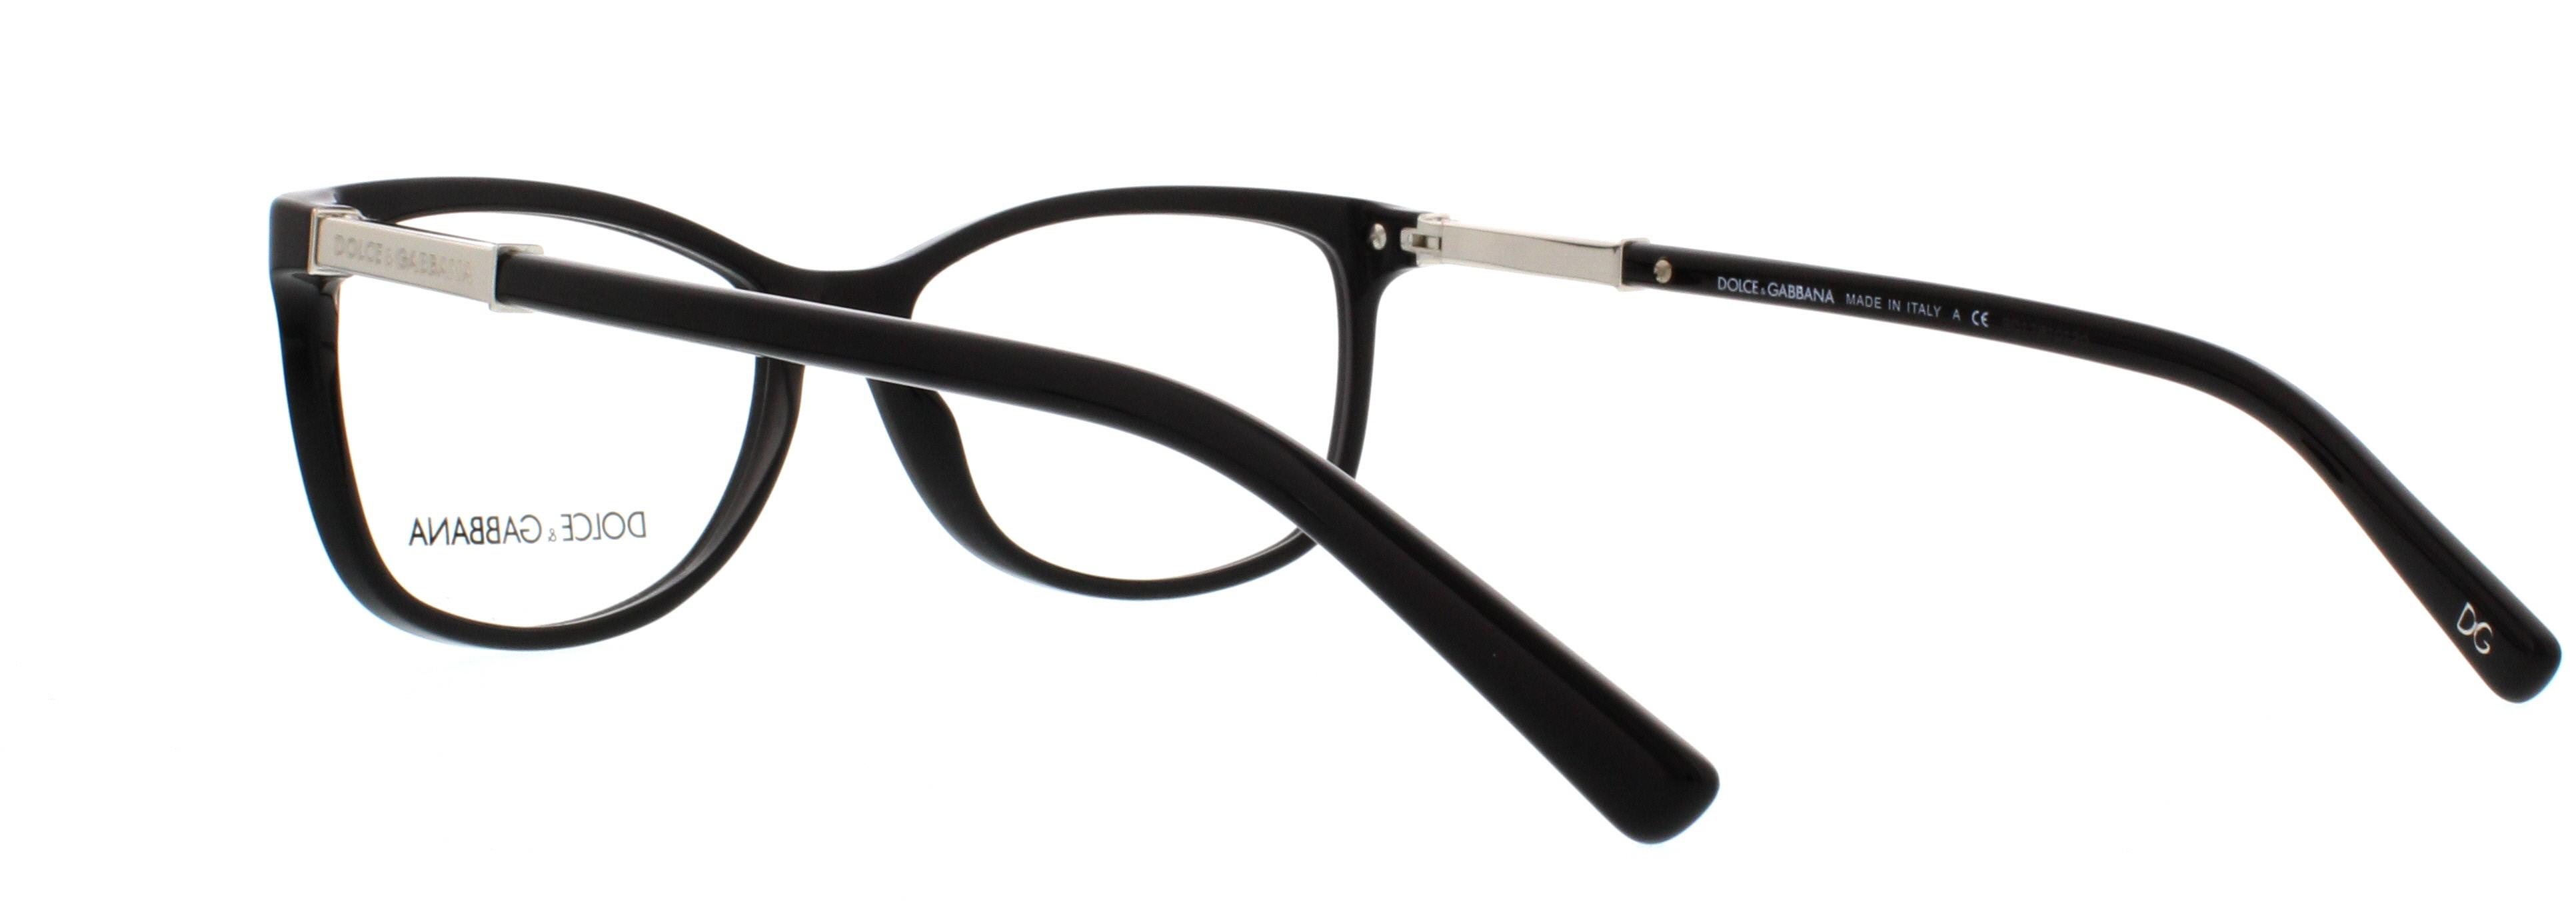 bda51f840a Designer Frames Outlet. Dolce   Gabbana DG3107